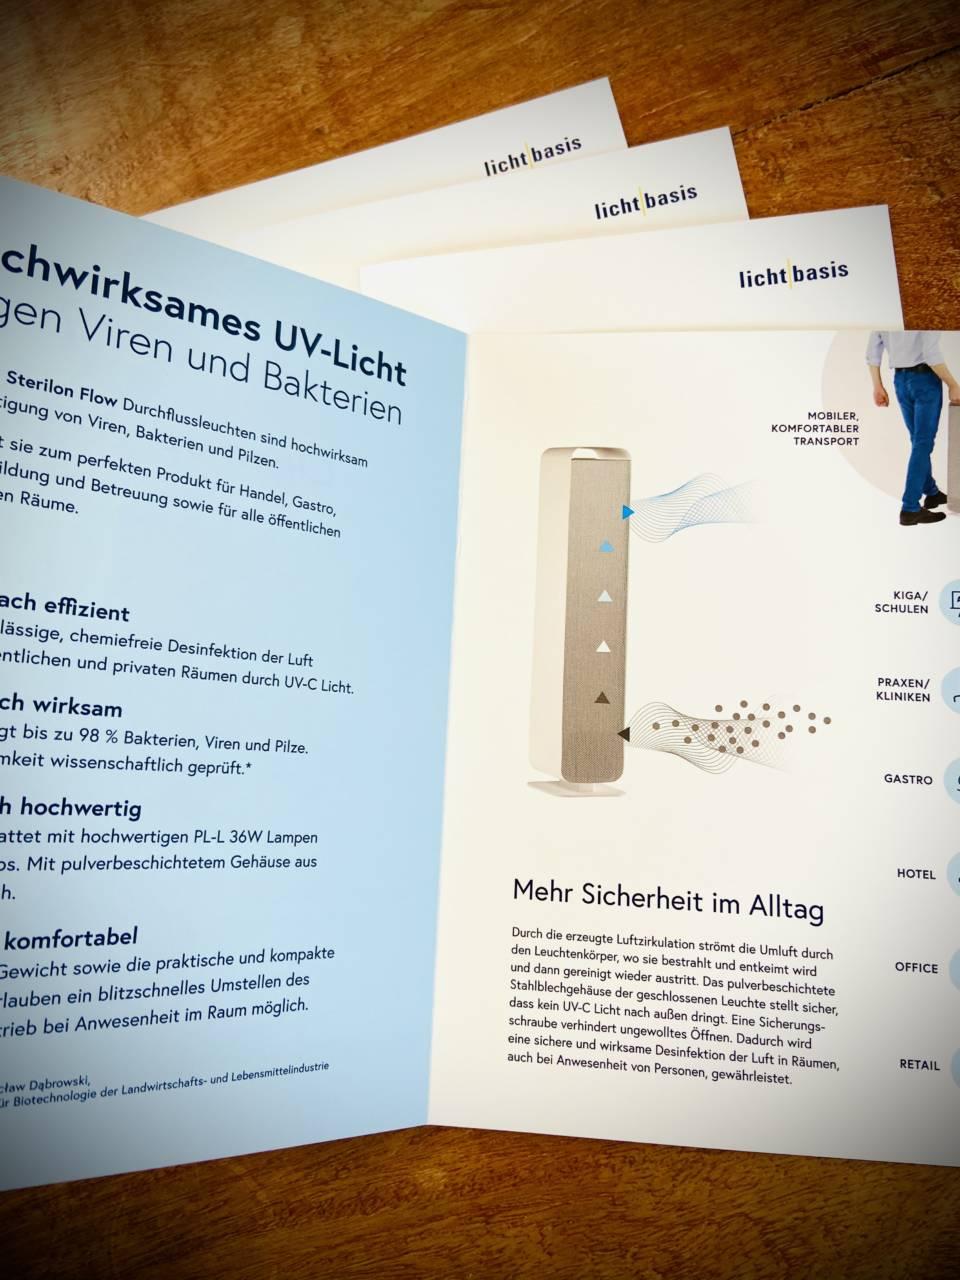 lichtbasis UVC-Sterilon A5 Folder Mit Licht gegen Bakterien